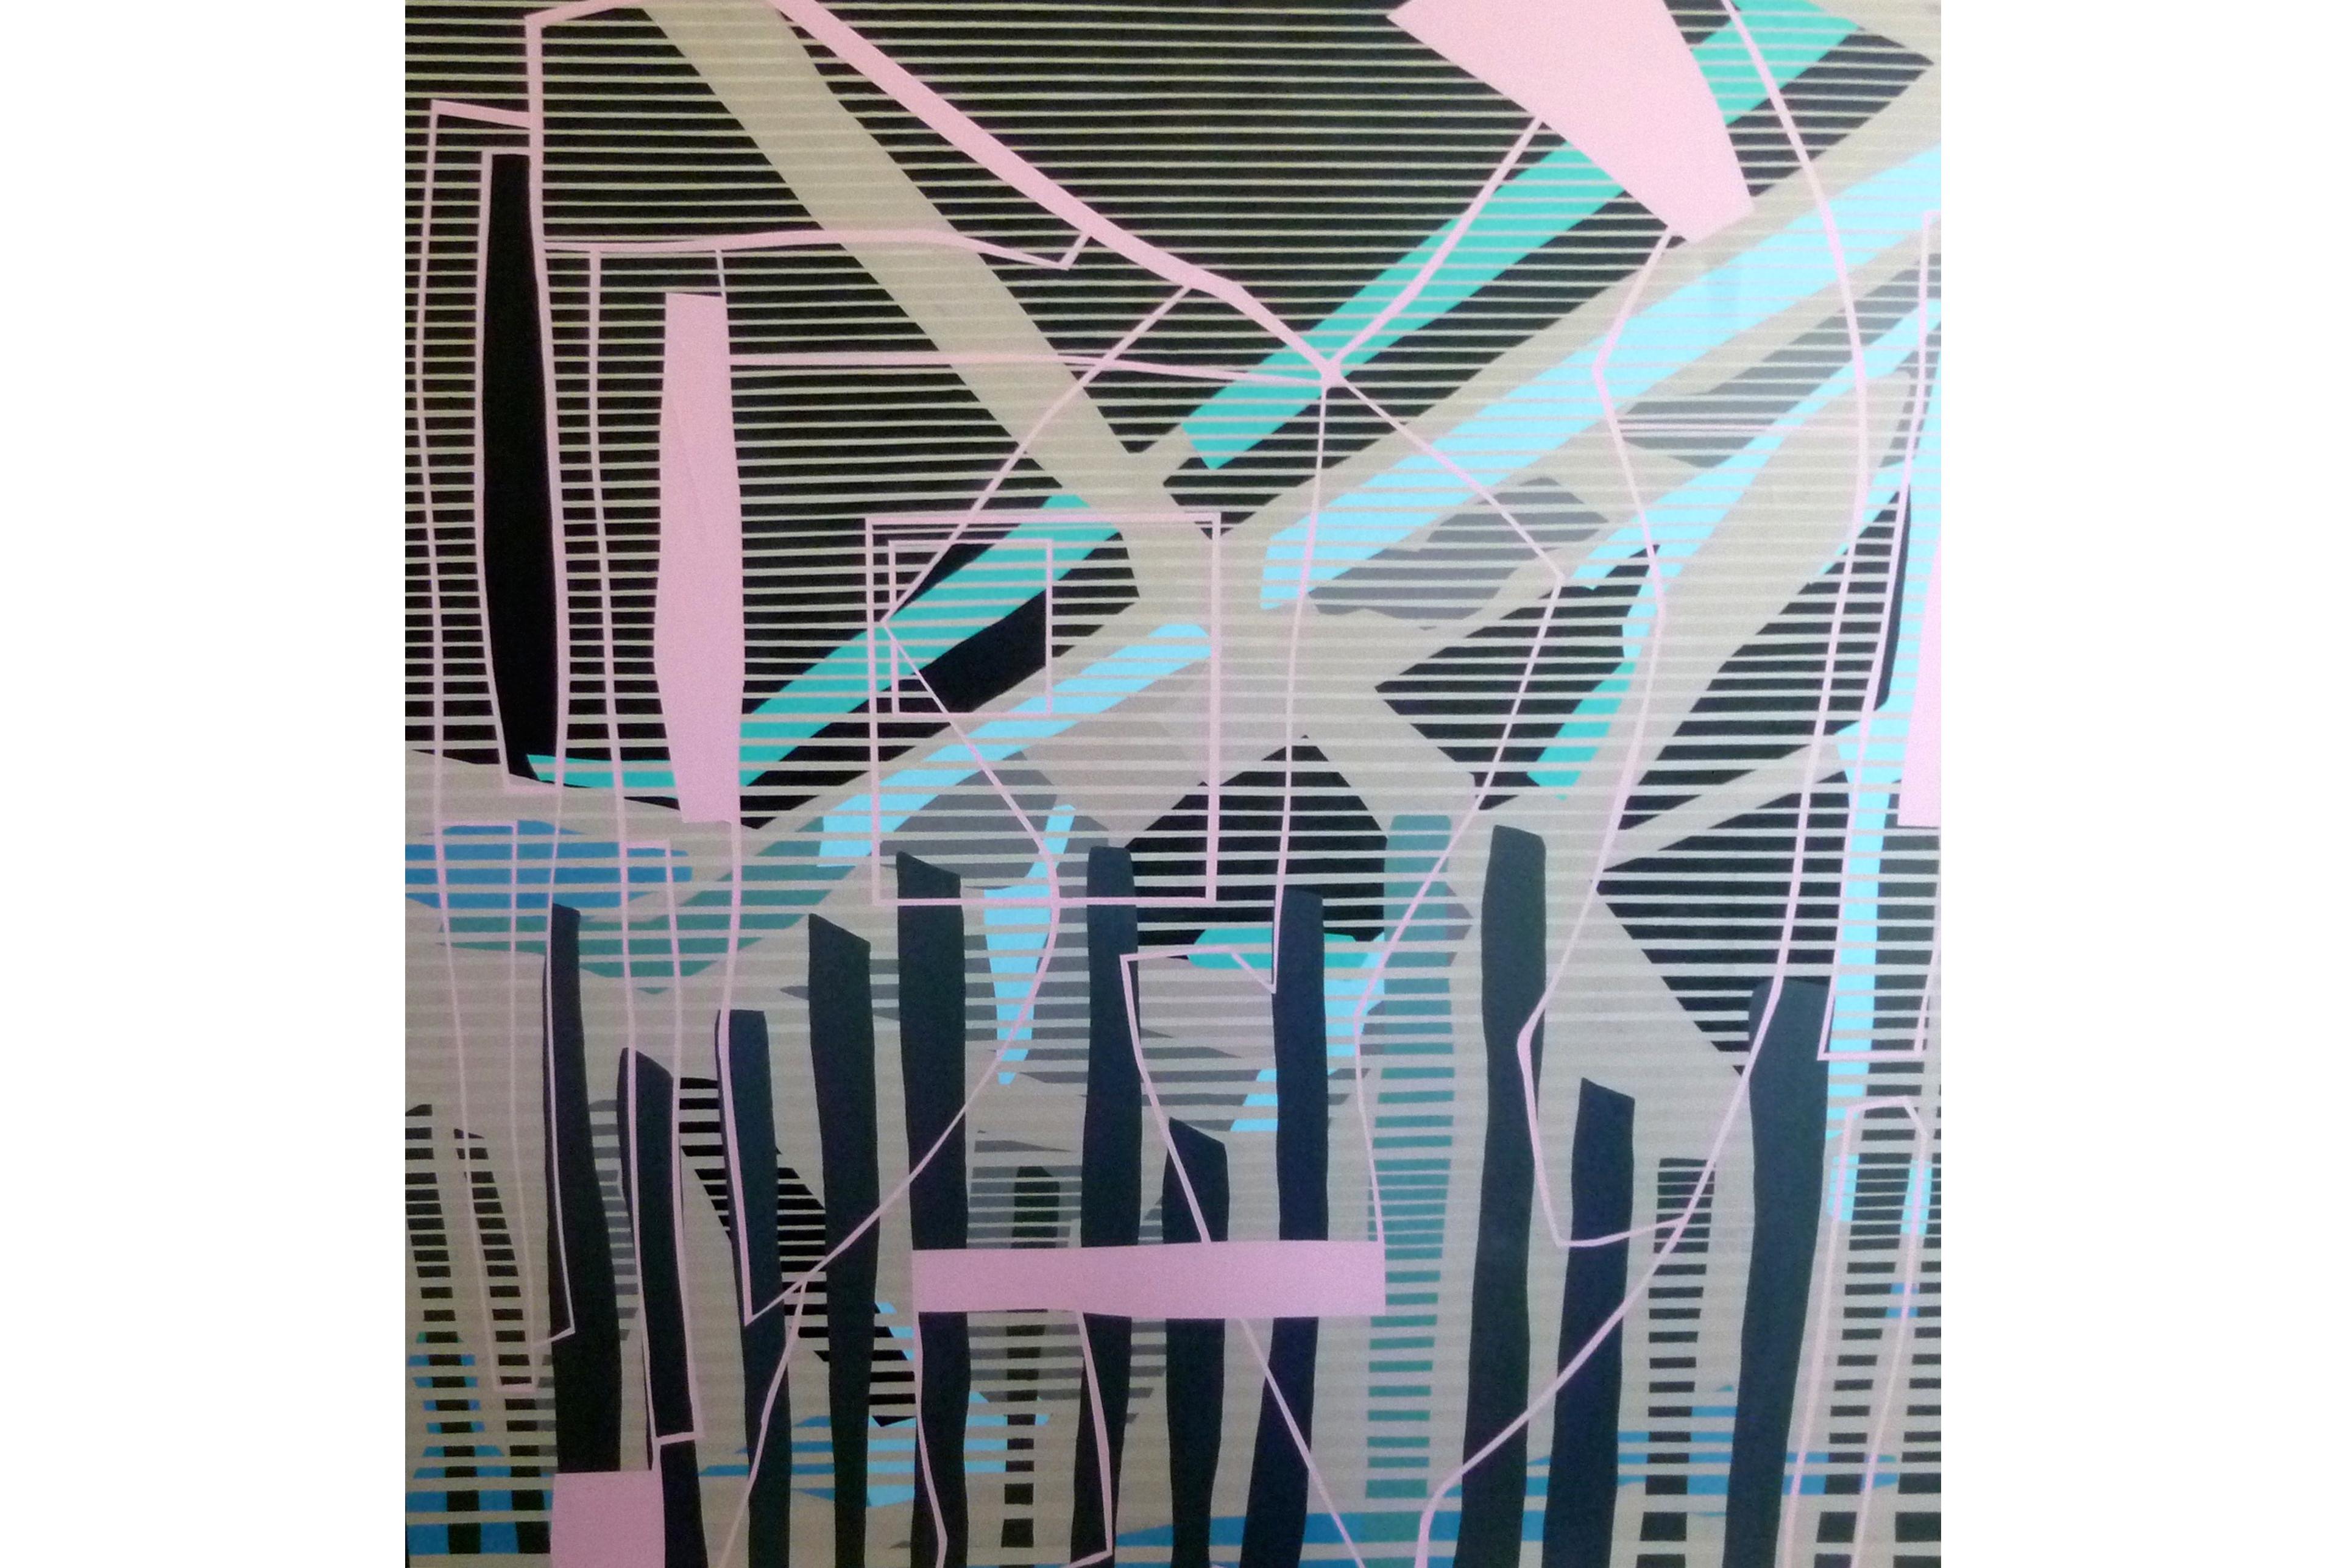 2013 - acryl op linnen 200x200